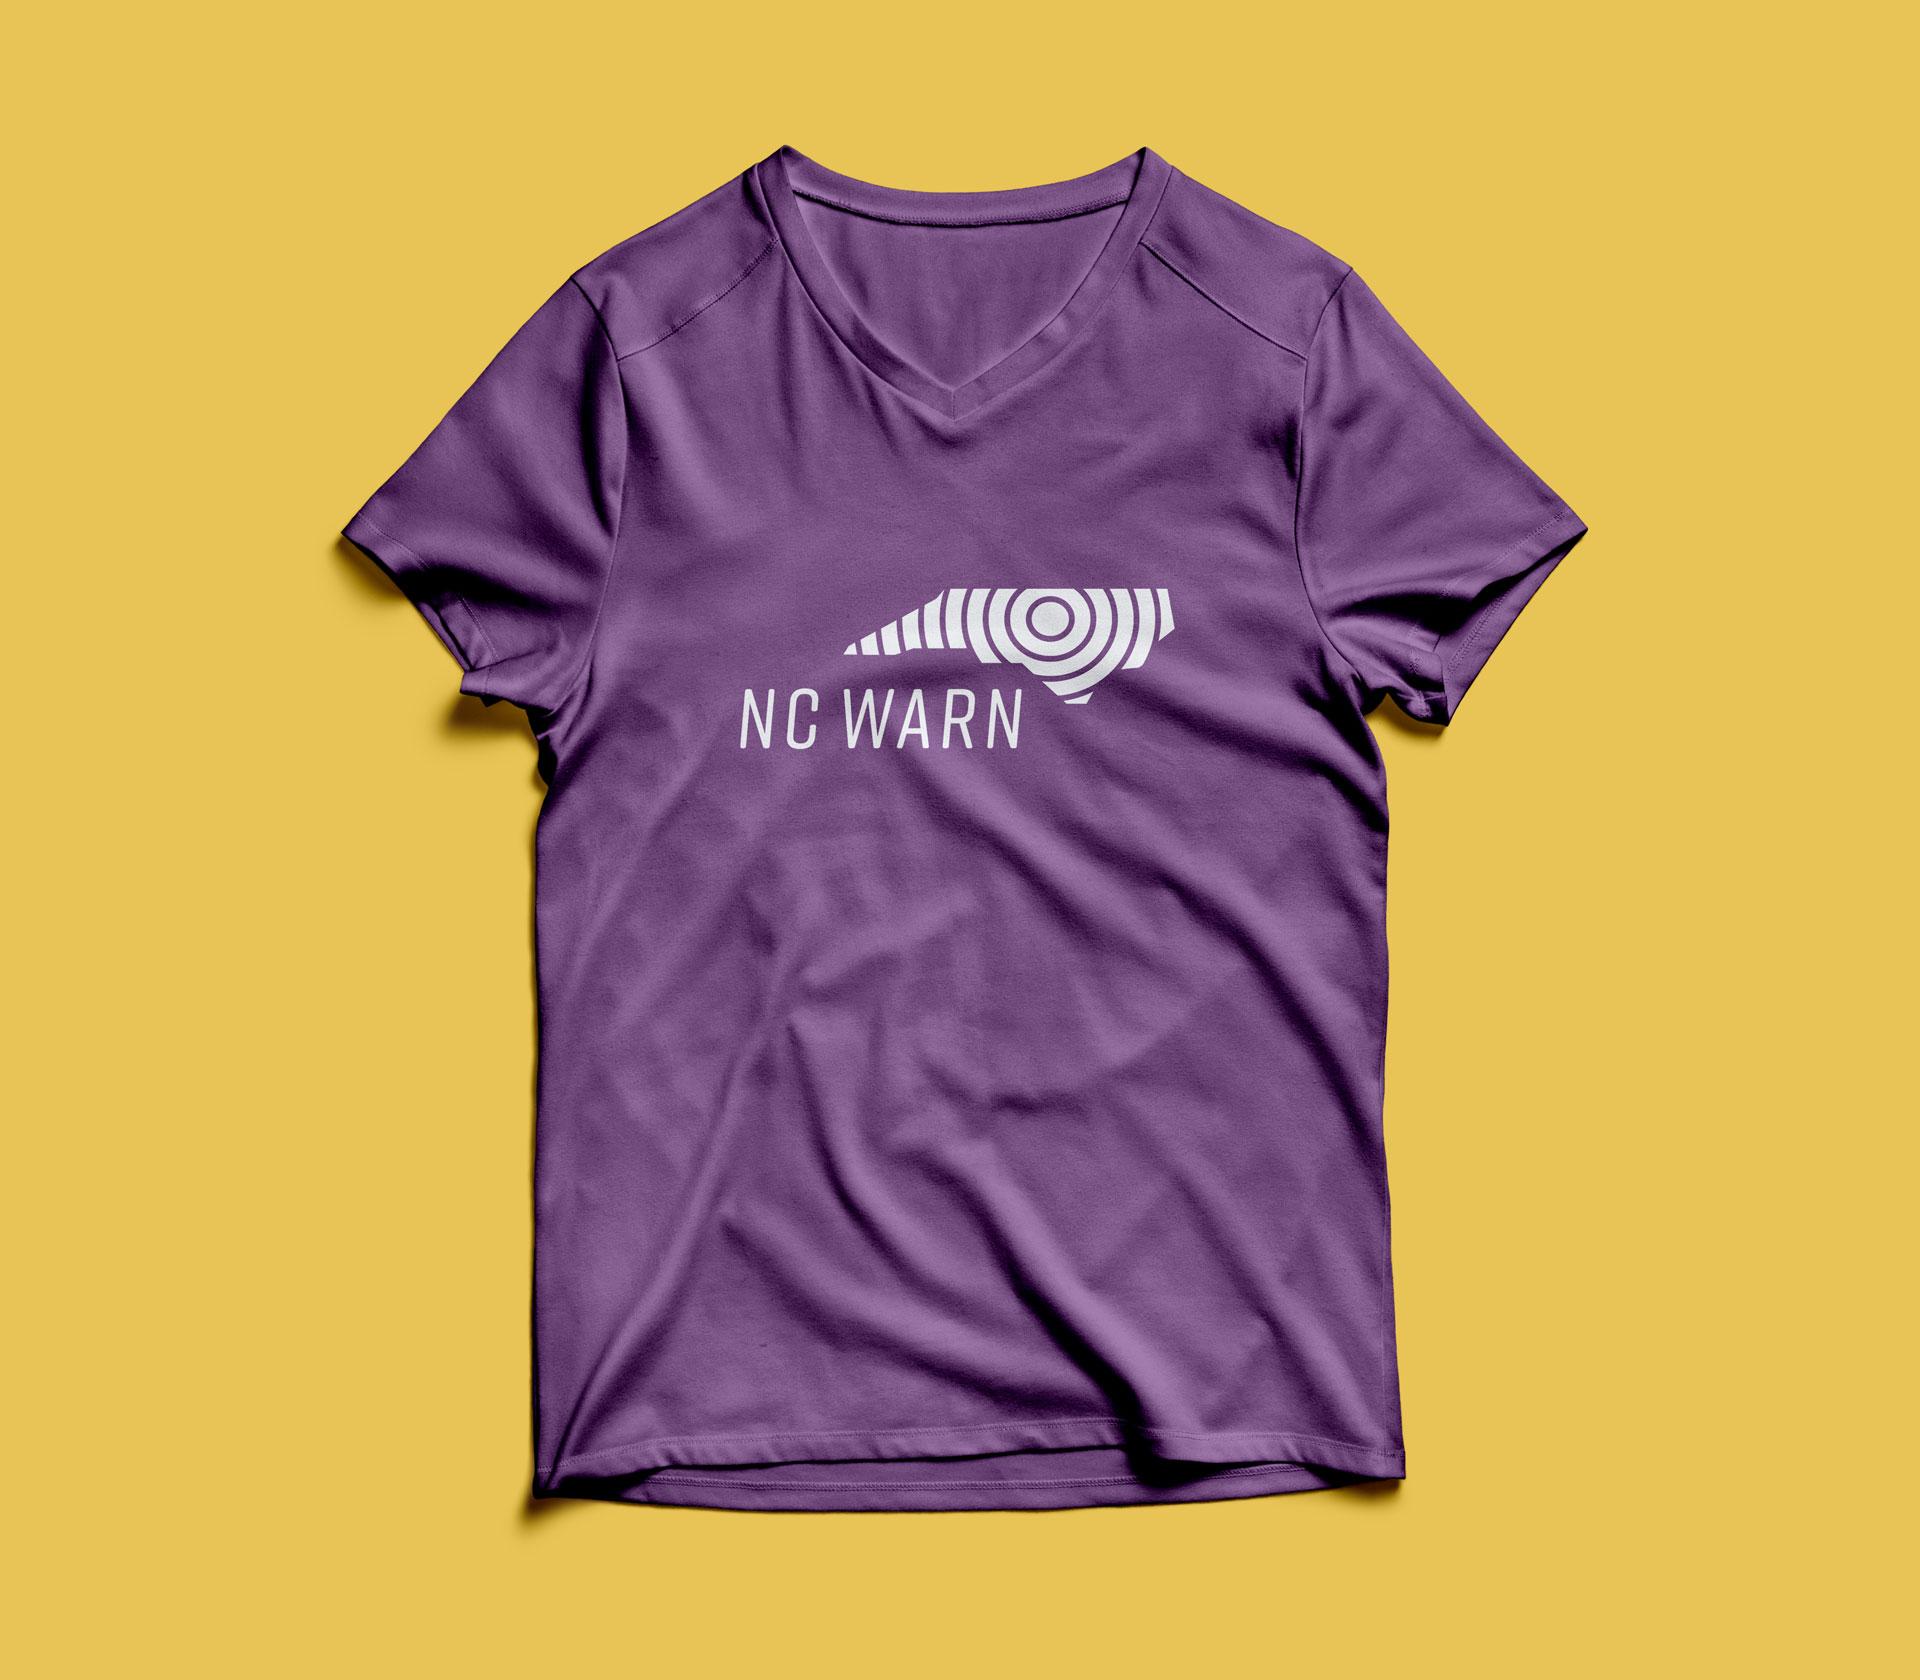 NC WARN t-shirt